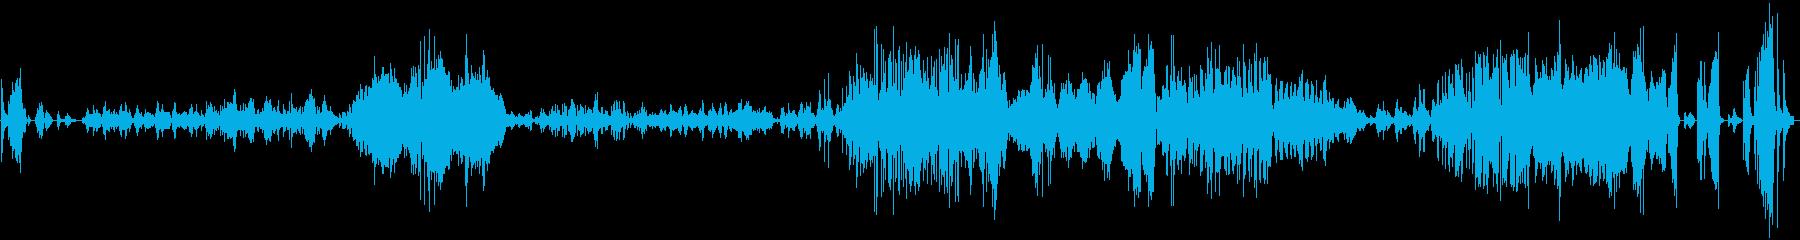 ショパン バラード第1番ト短調の再生済みの波形